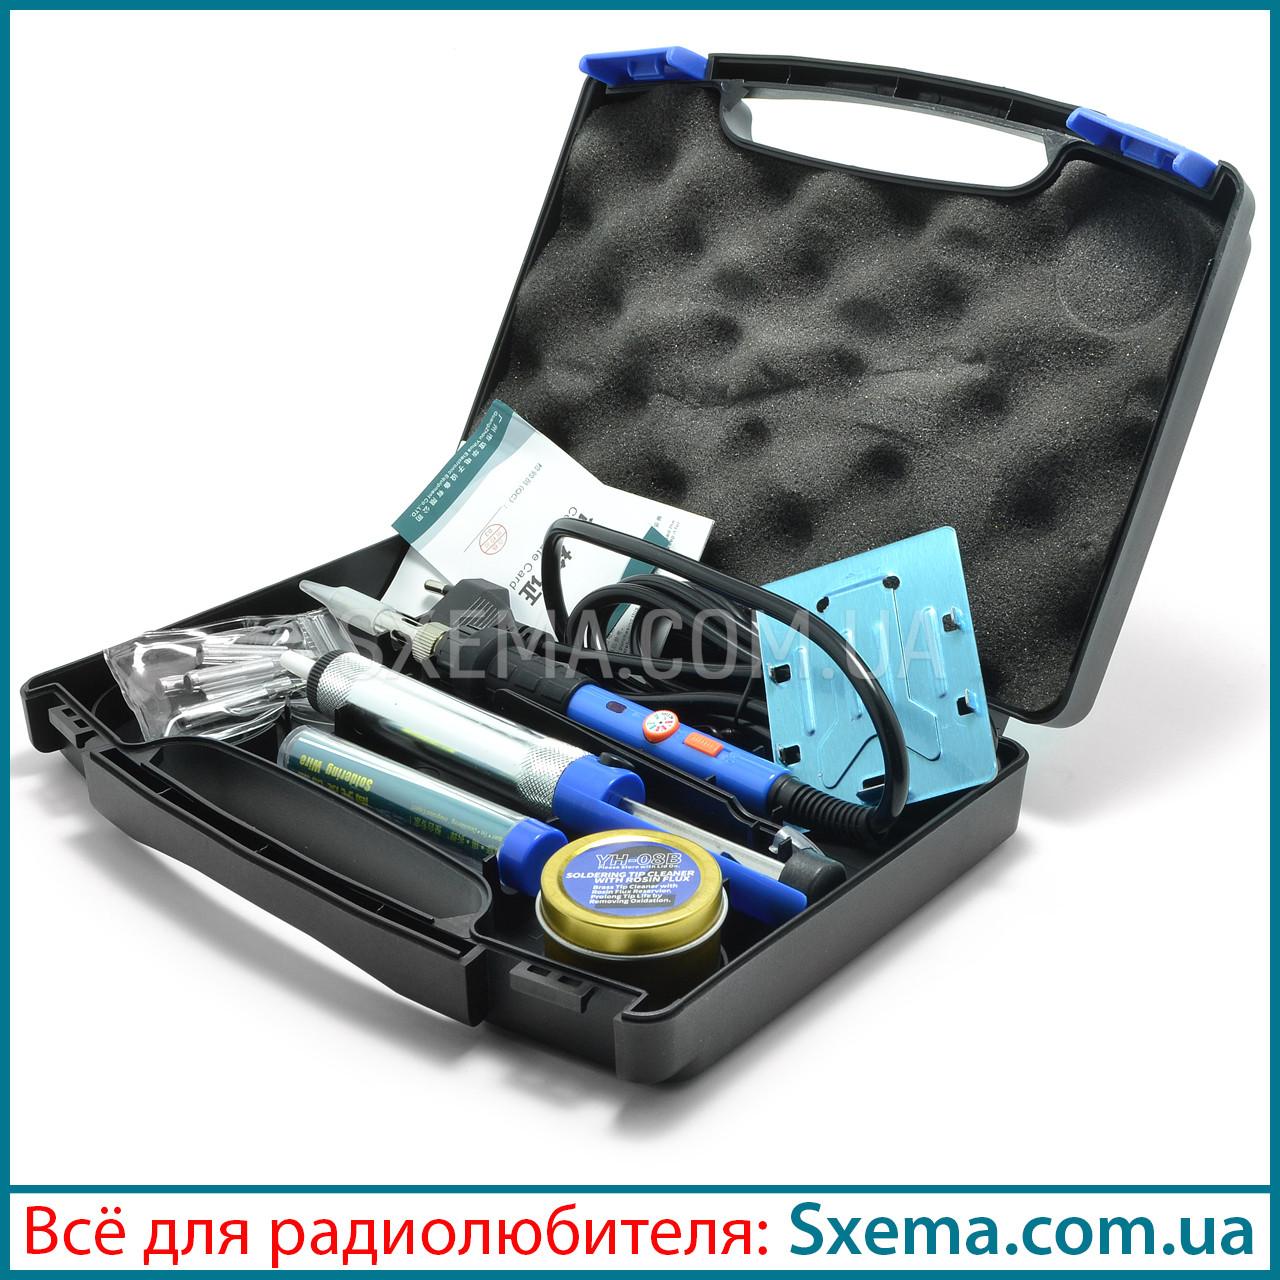 Паяльник с регулировкой температуры WEP 947-III в кейсе с набором